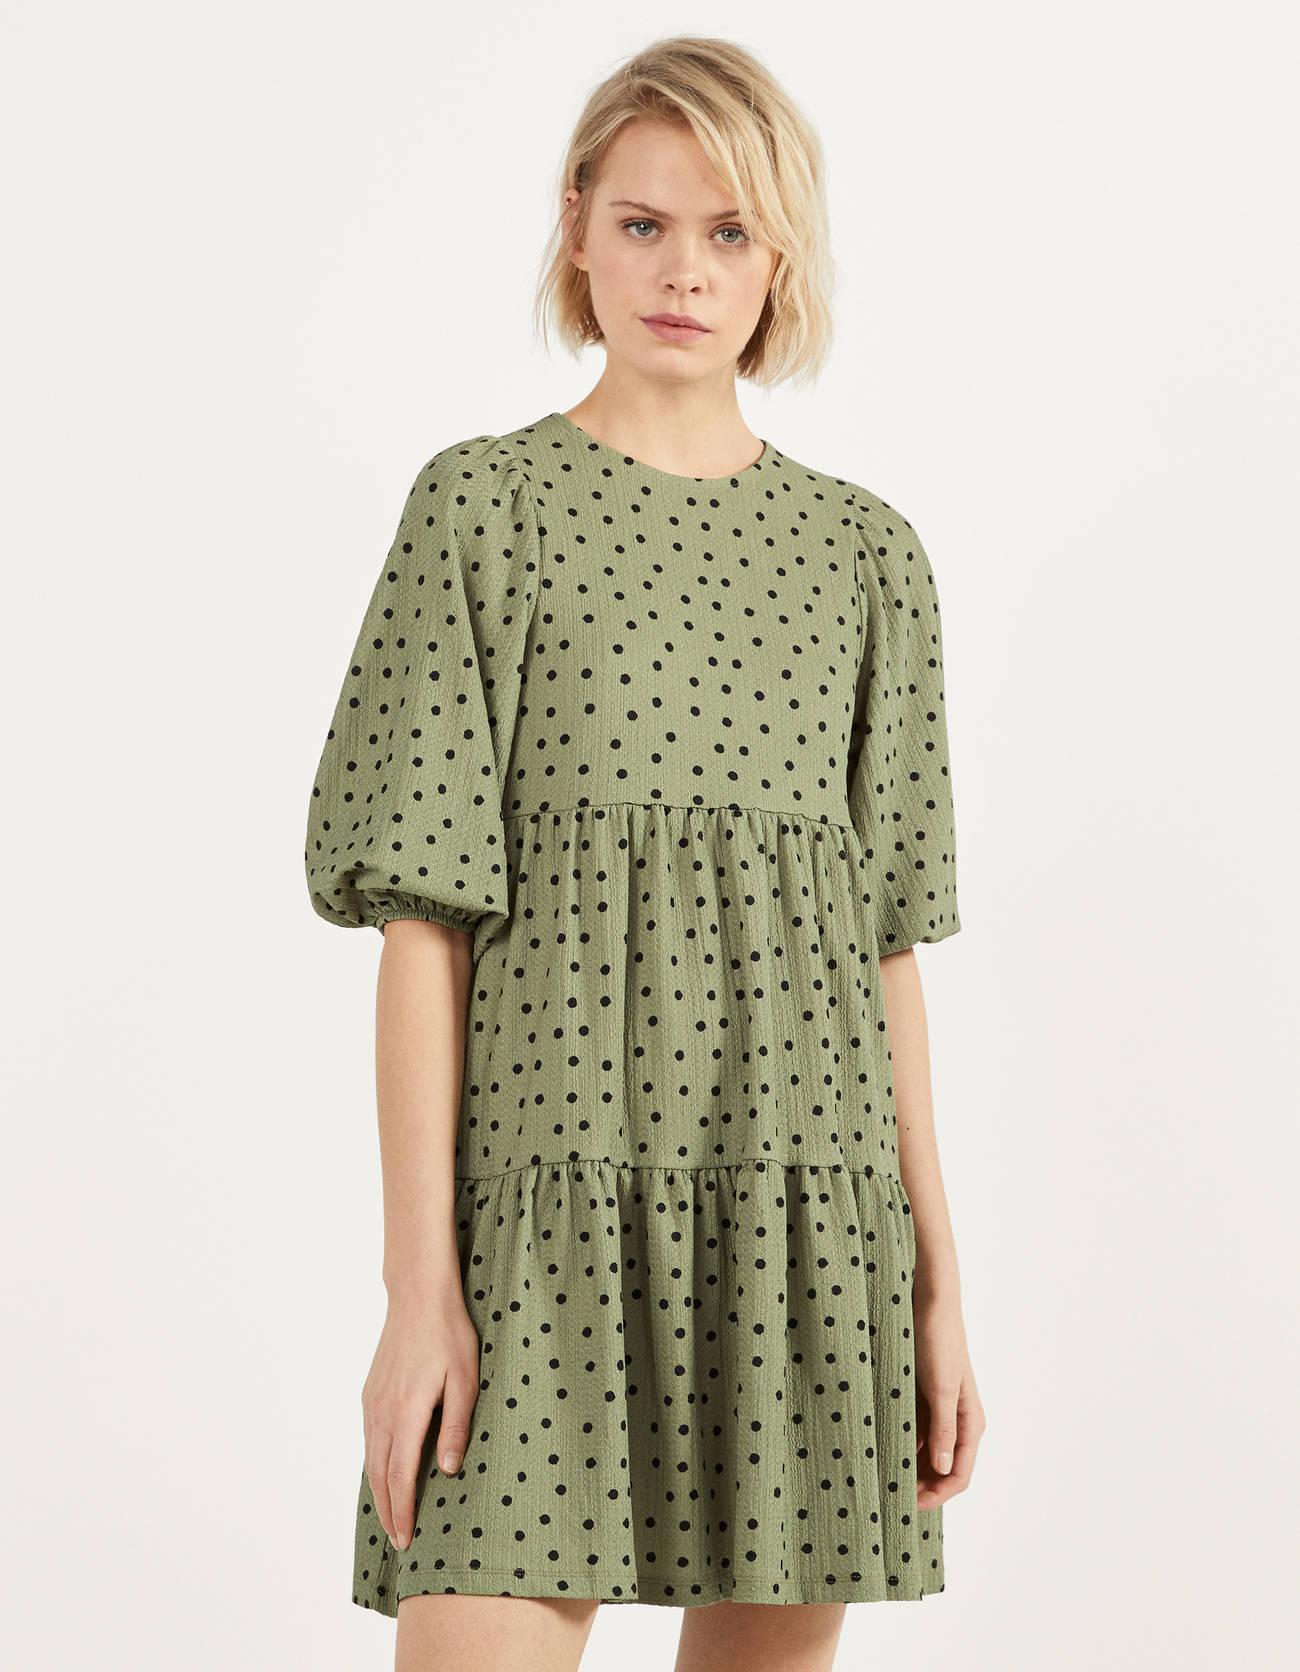 Vestido verde lunares